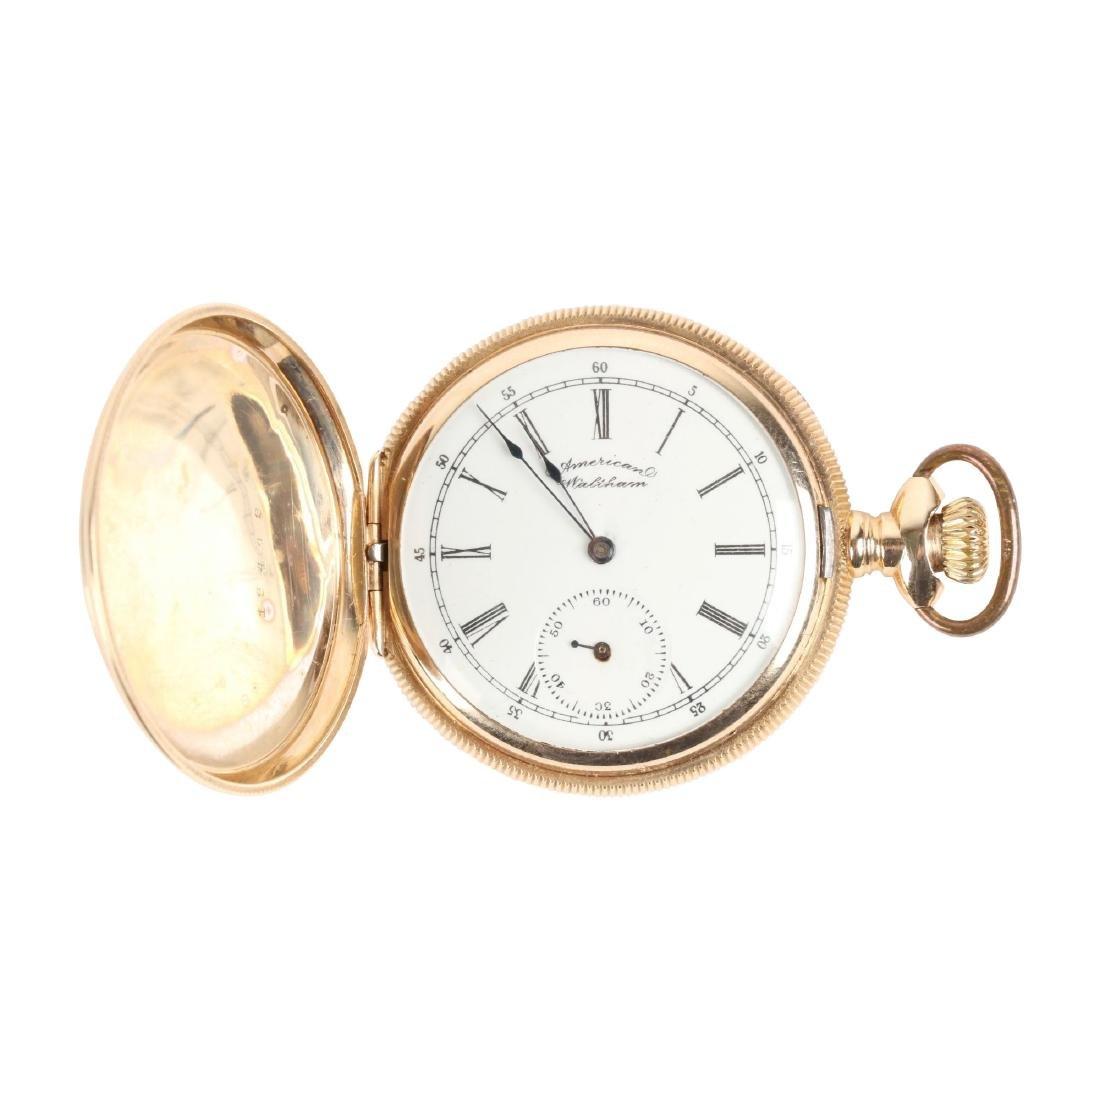 Waltham, Lady's 14K Gold Pocket Watch